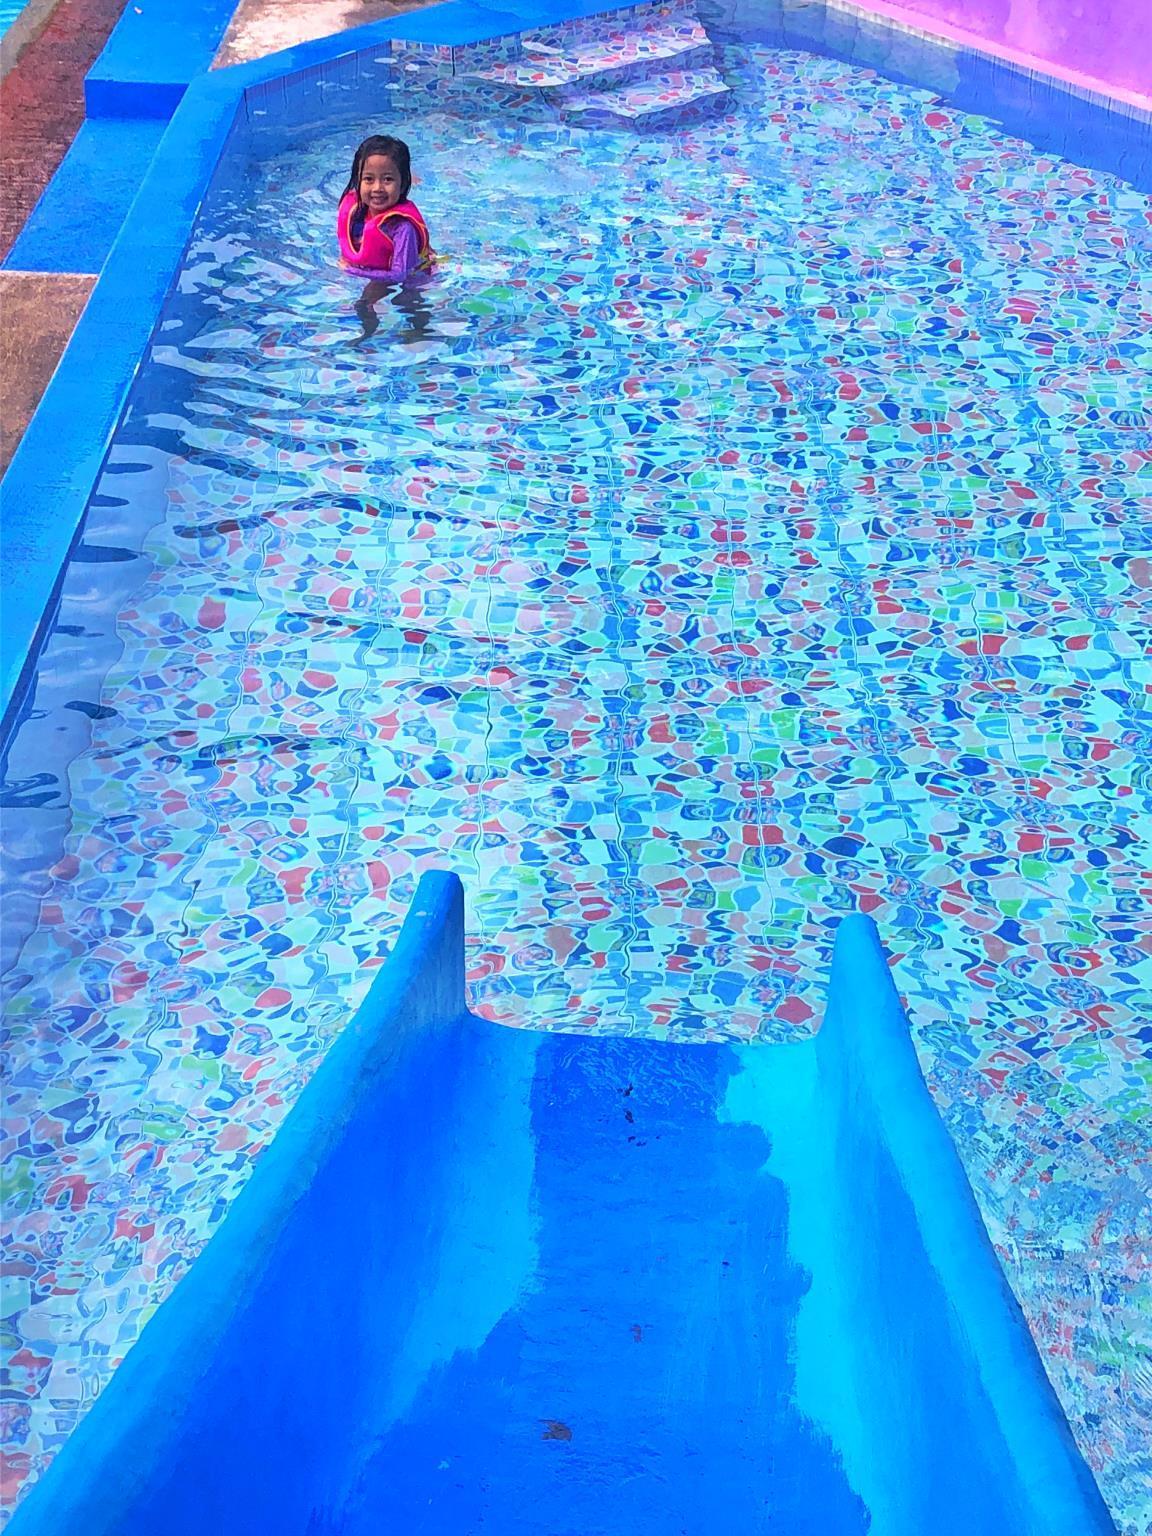 Lipit's Skylove Resort